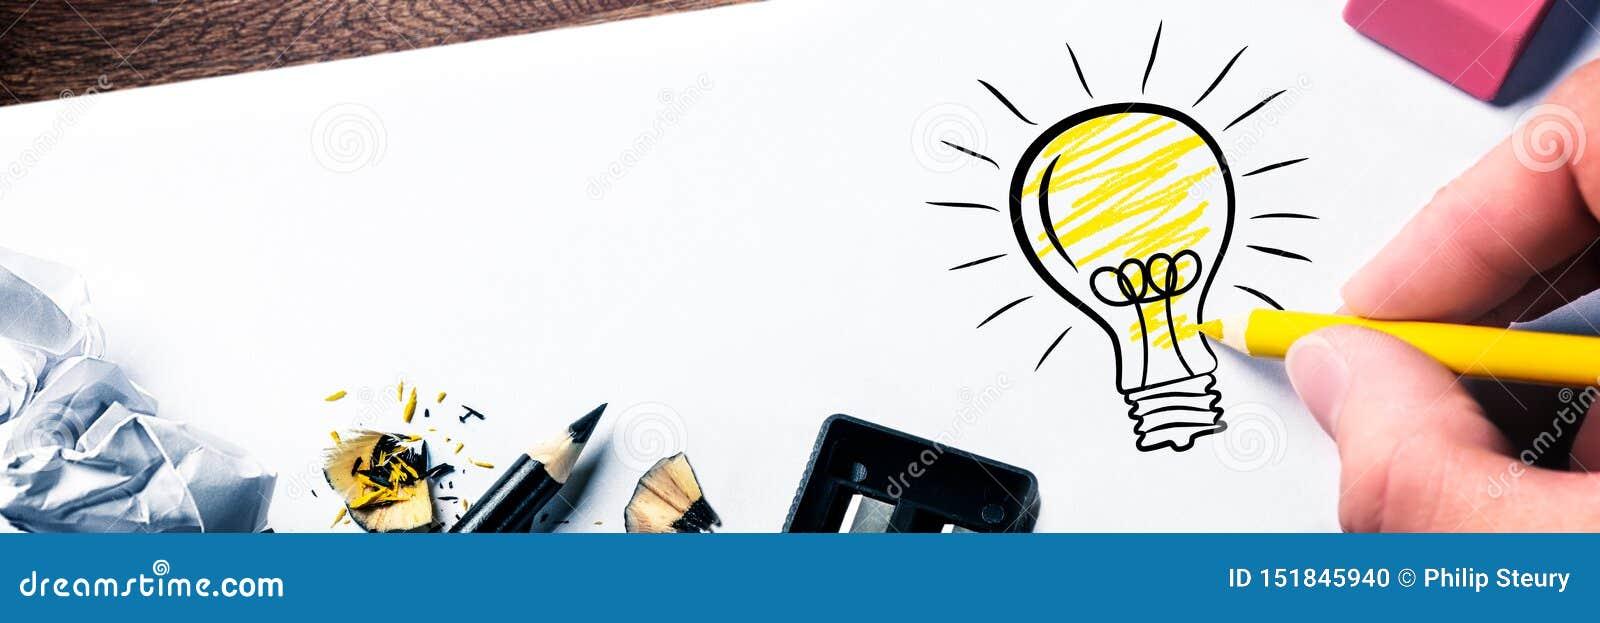 Main dessinant l ampoule sur le papier